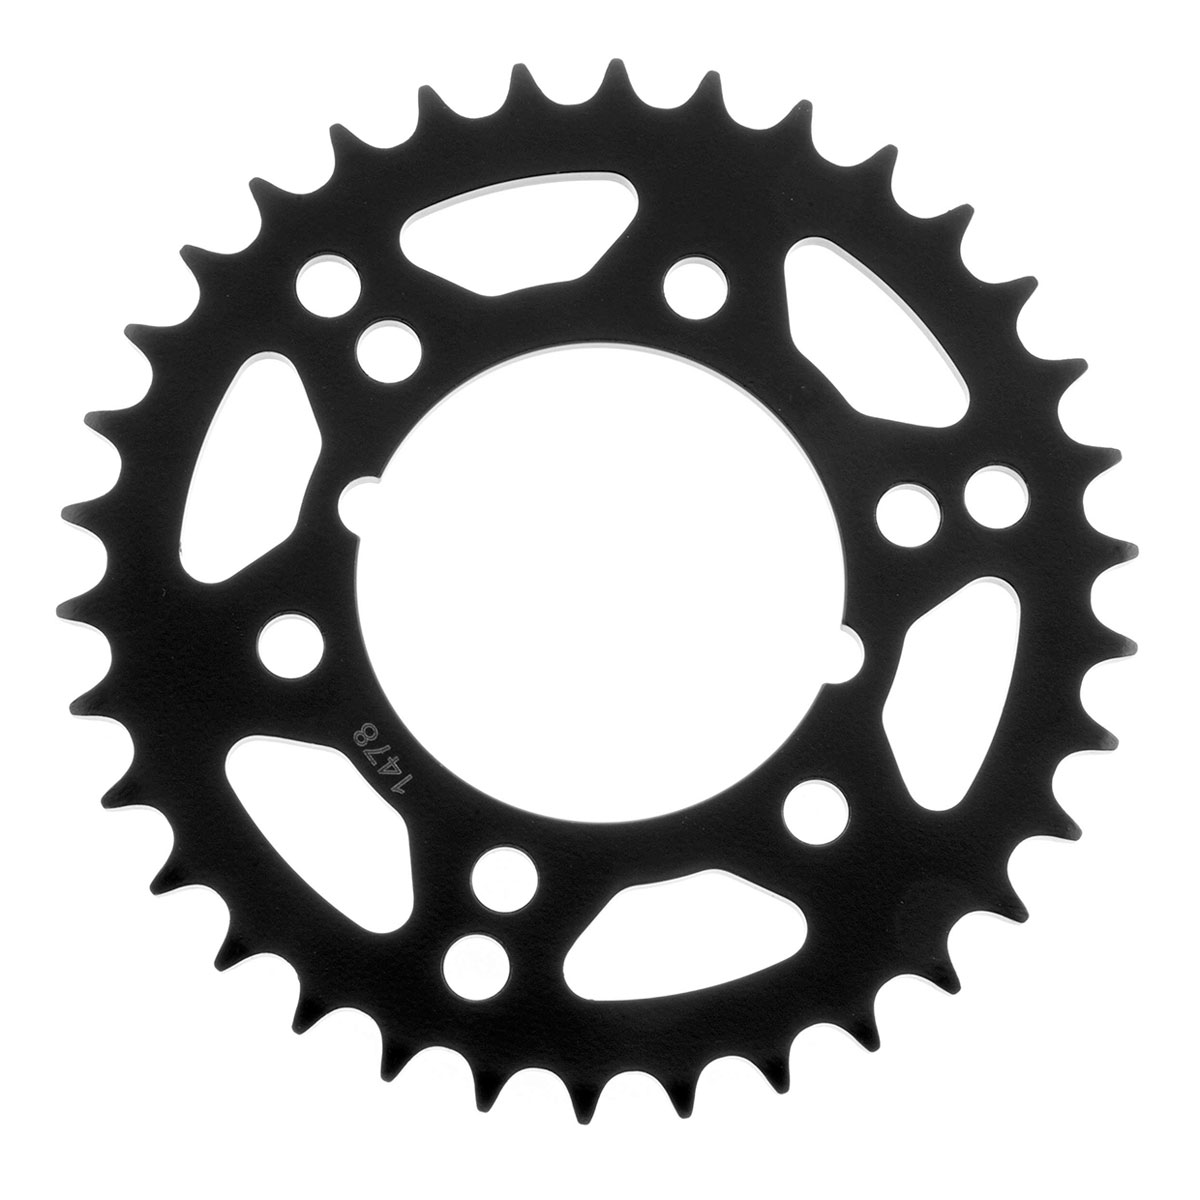 BikeMaster Black 520 Rear Sprocket 36 Tooth